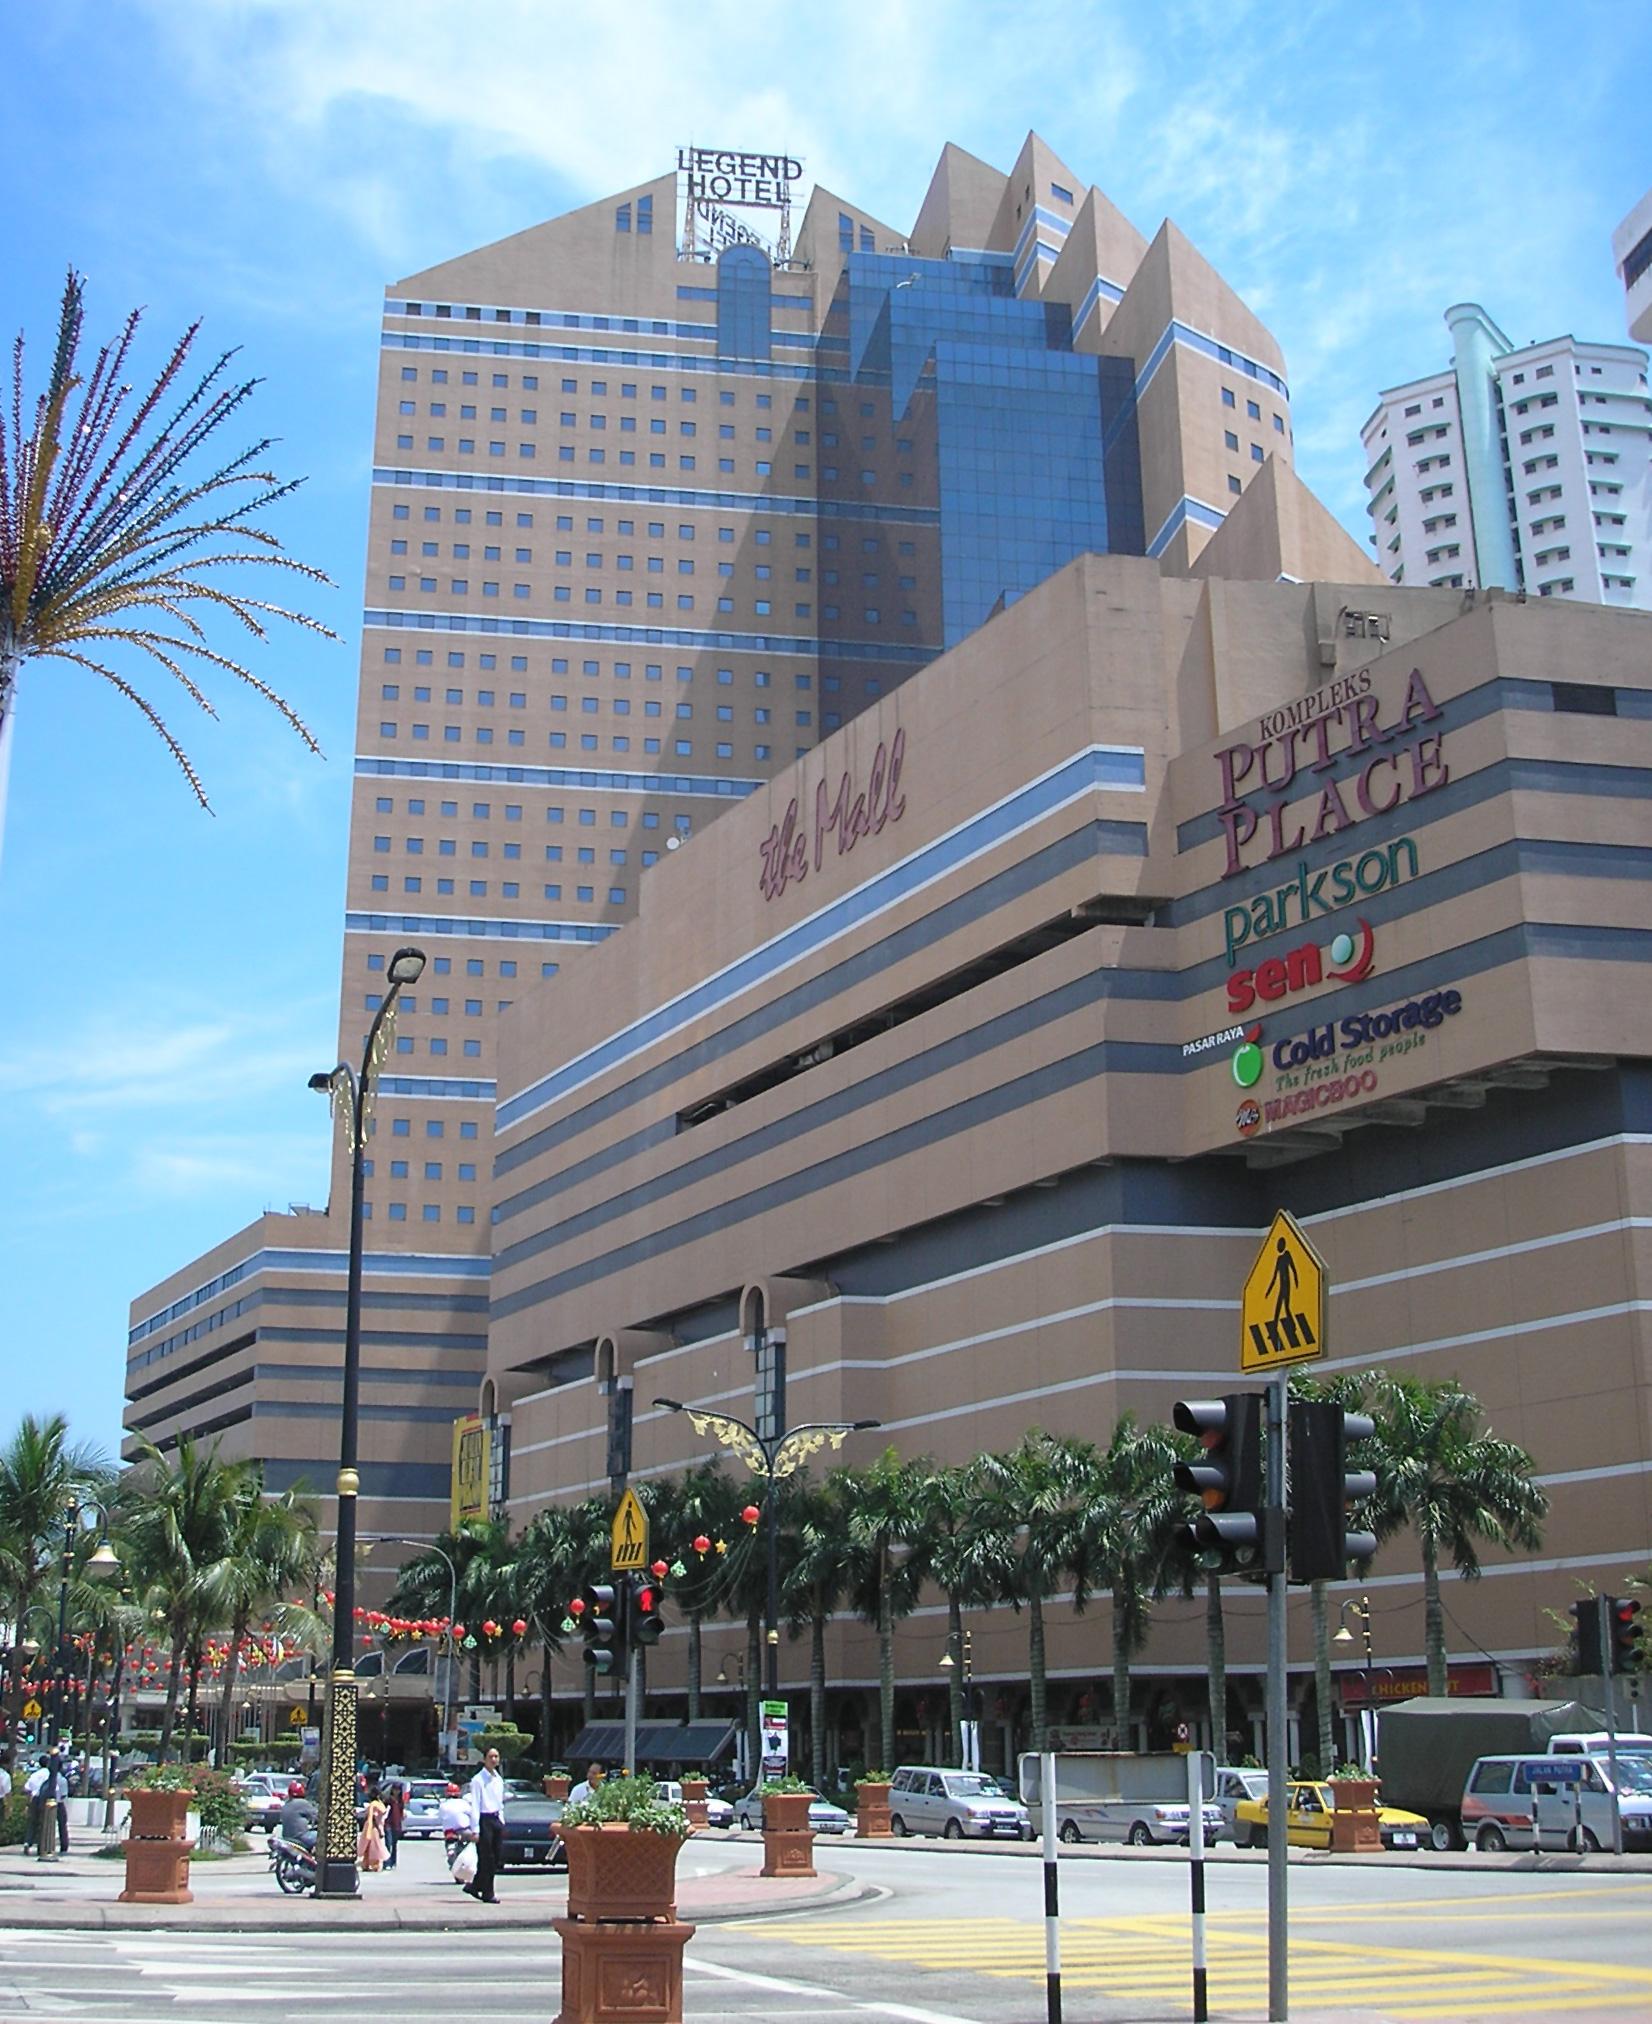 Shopping Kuala Lumpur Malaysia: File:The Mall And Legend Hotel, Kuala Lumpur.jpg